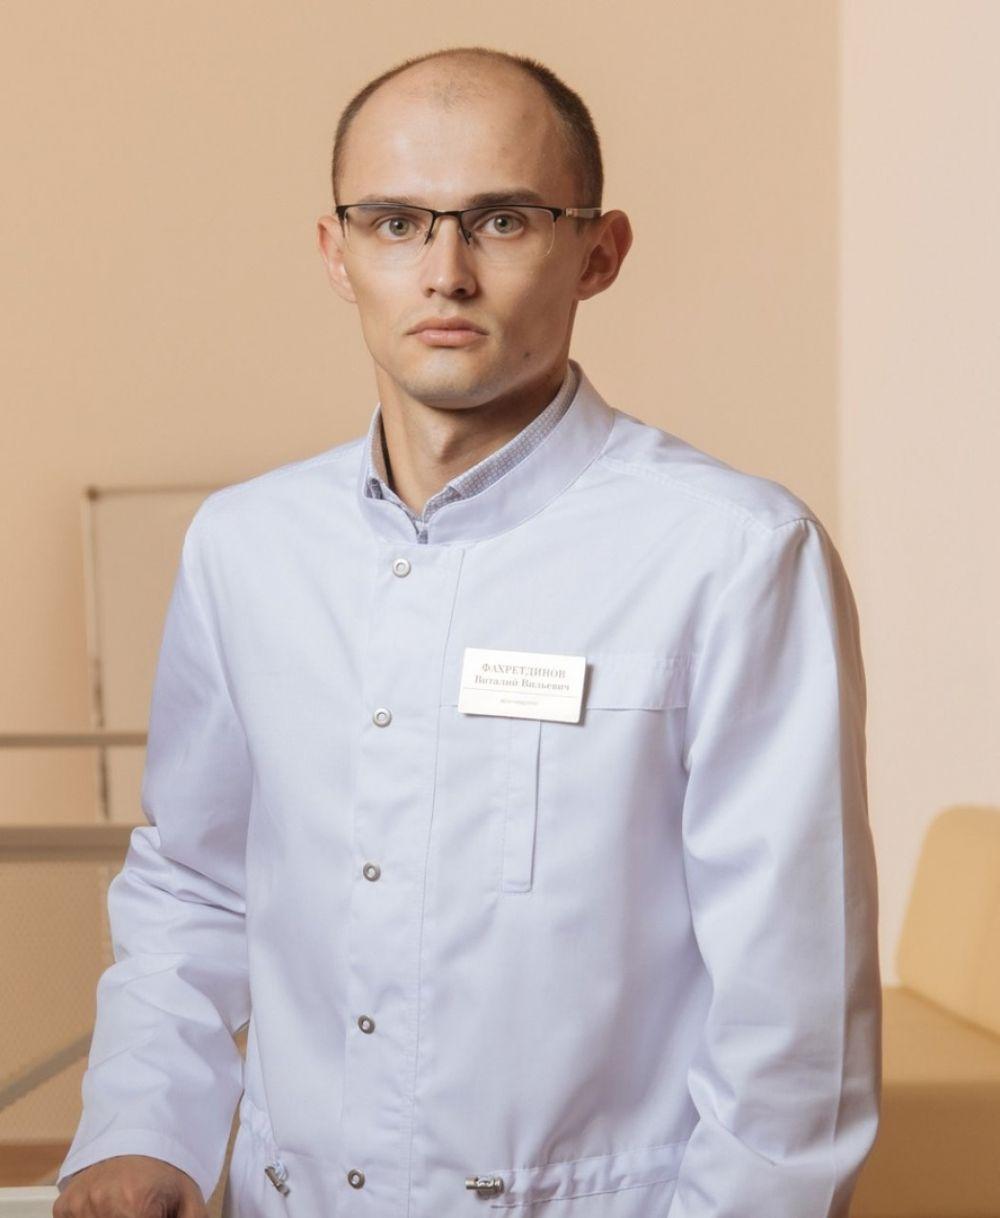 Виталий Фахртдинов, дежурный врач системы телемедицинской консультации, невролог городской поликлиники №12.